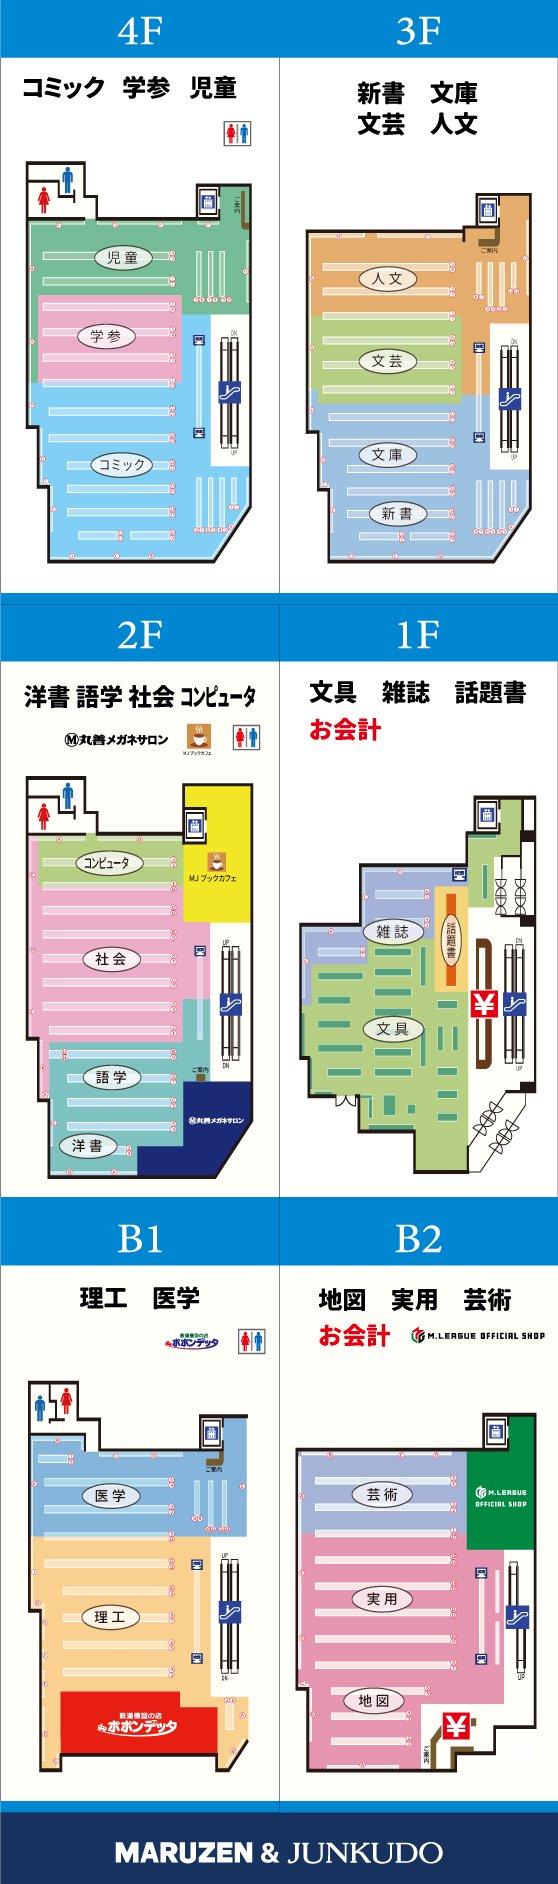 マップ 札幌 ゲイ